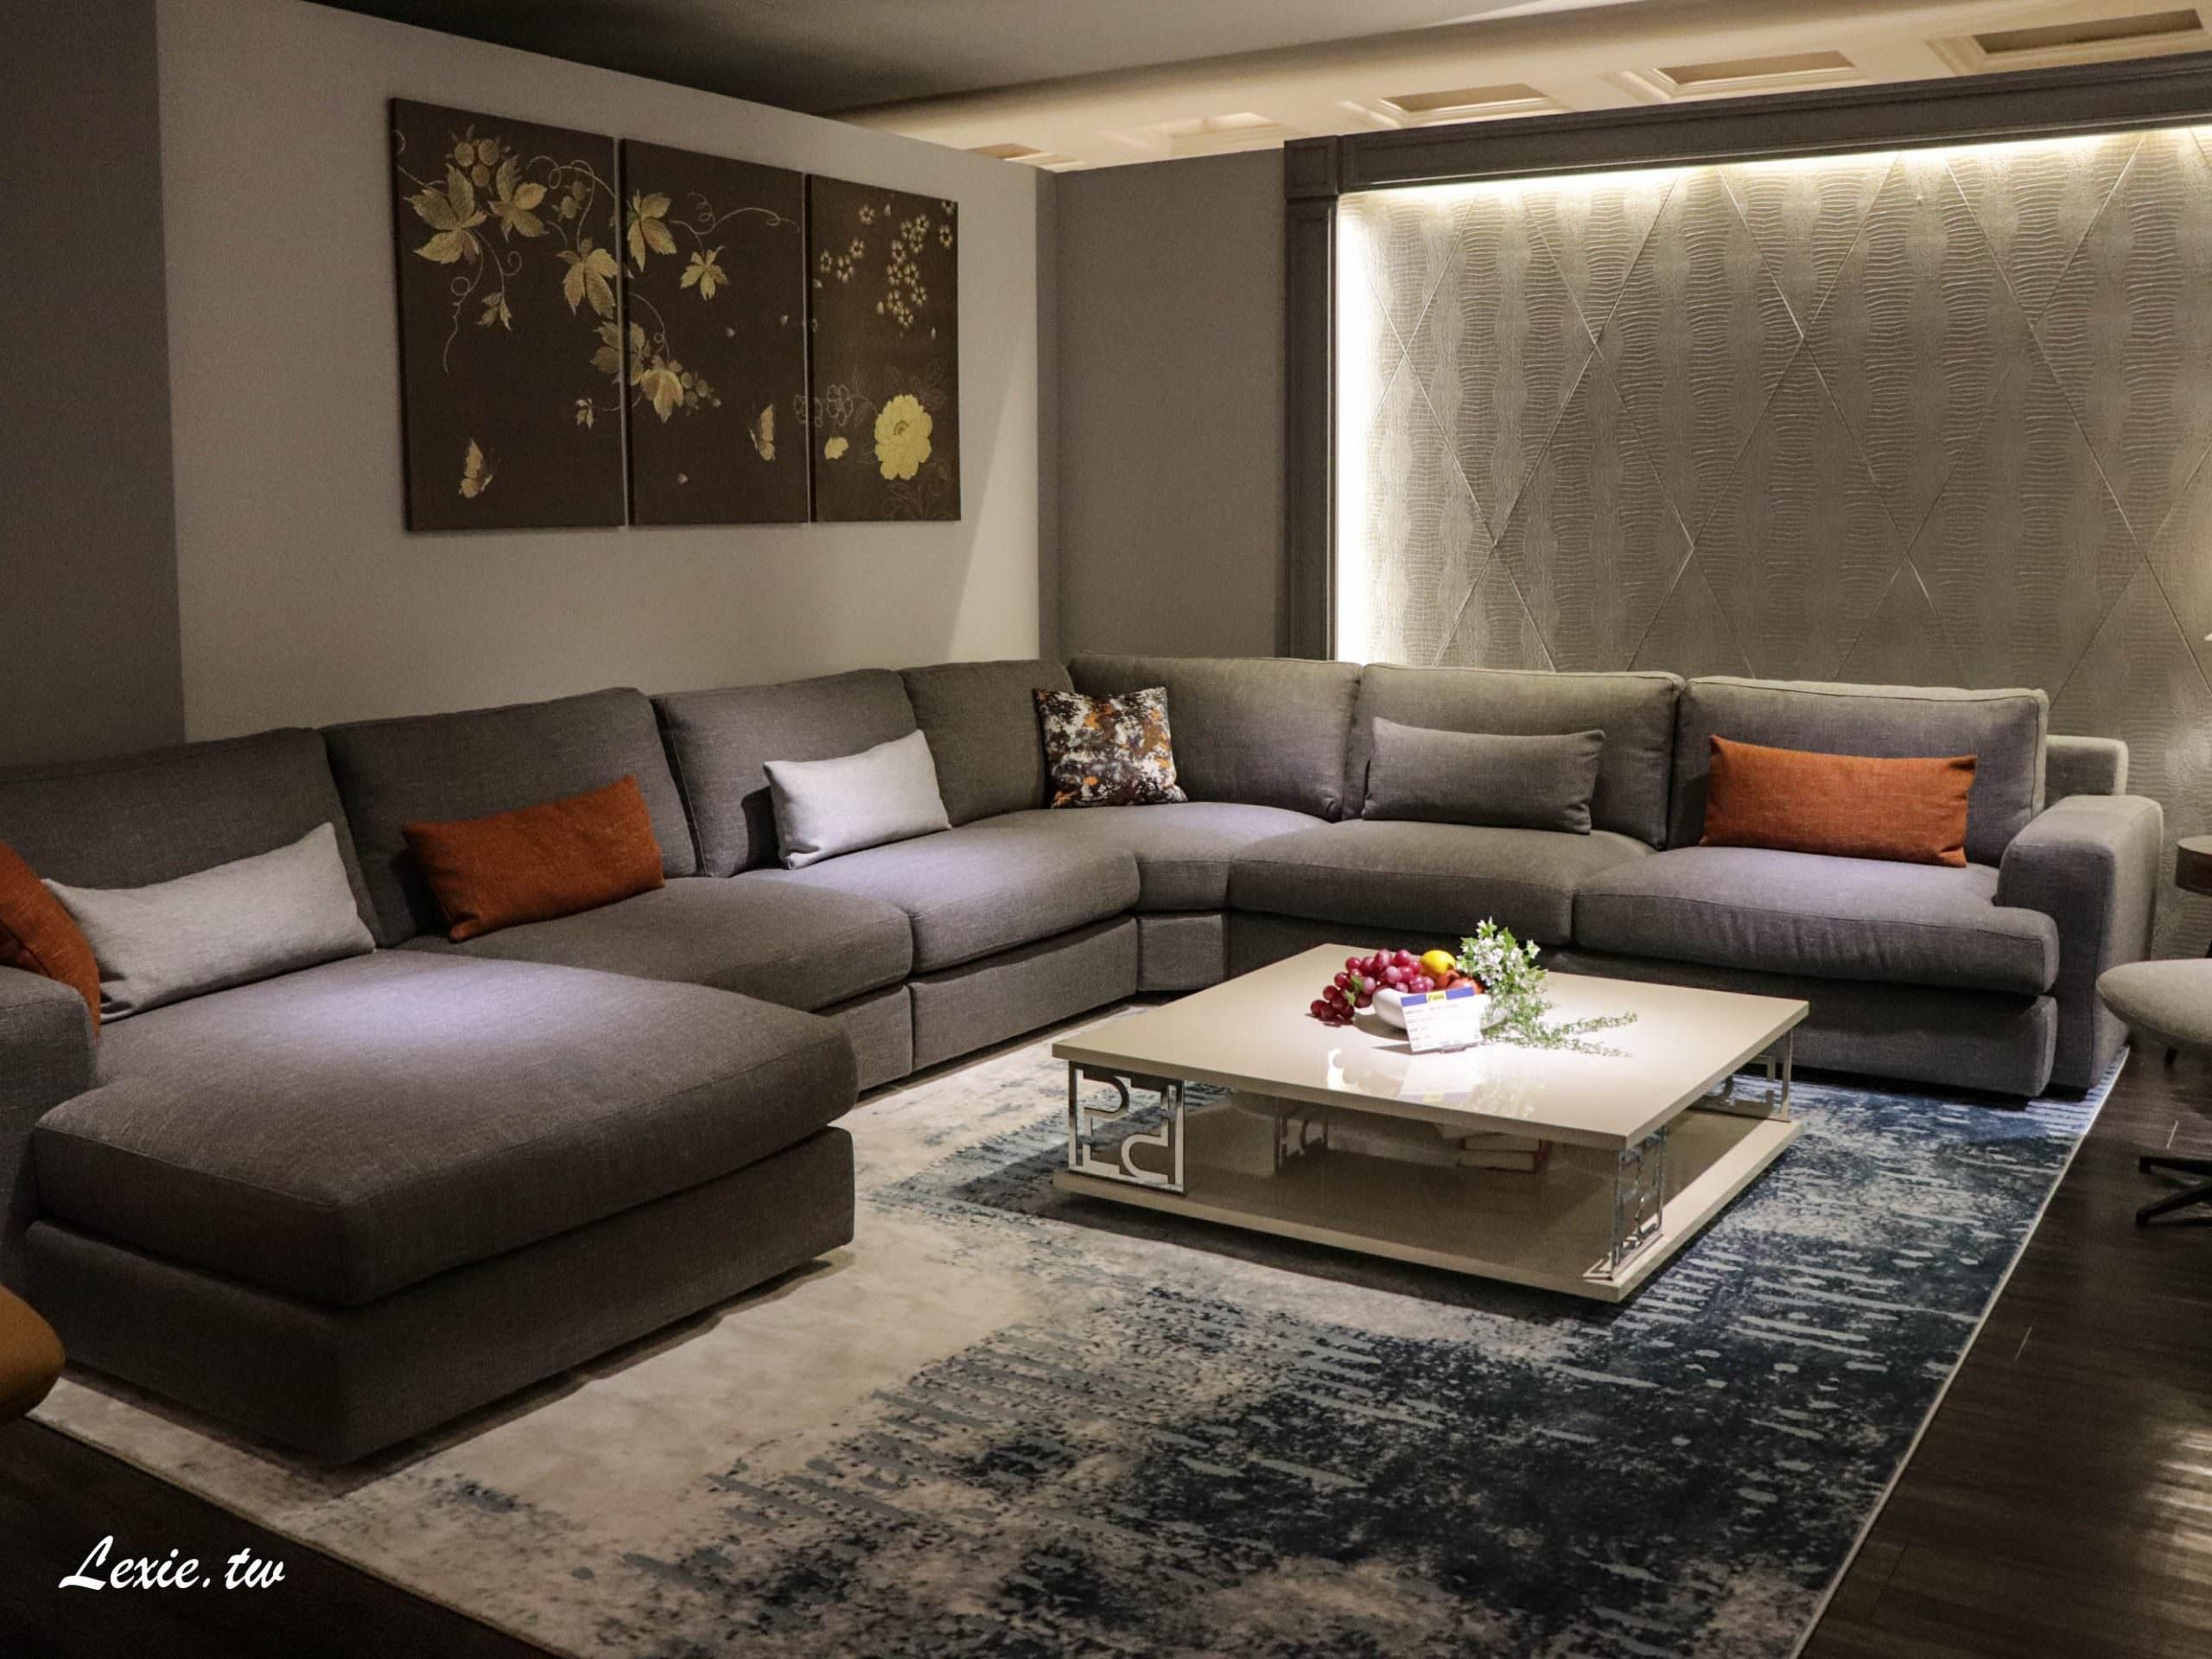 台北家具推薦晶華傢俱》完整了對美好家庭生活的想像 / 超划算牛皮沙發 / chc床墊